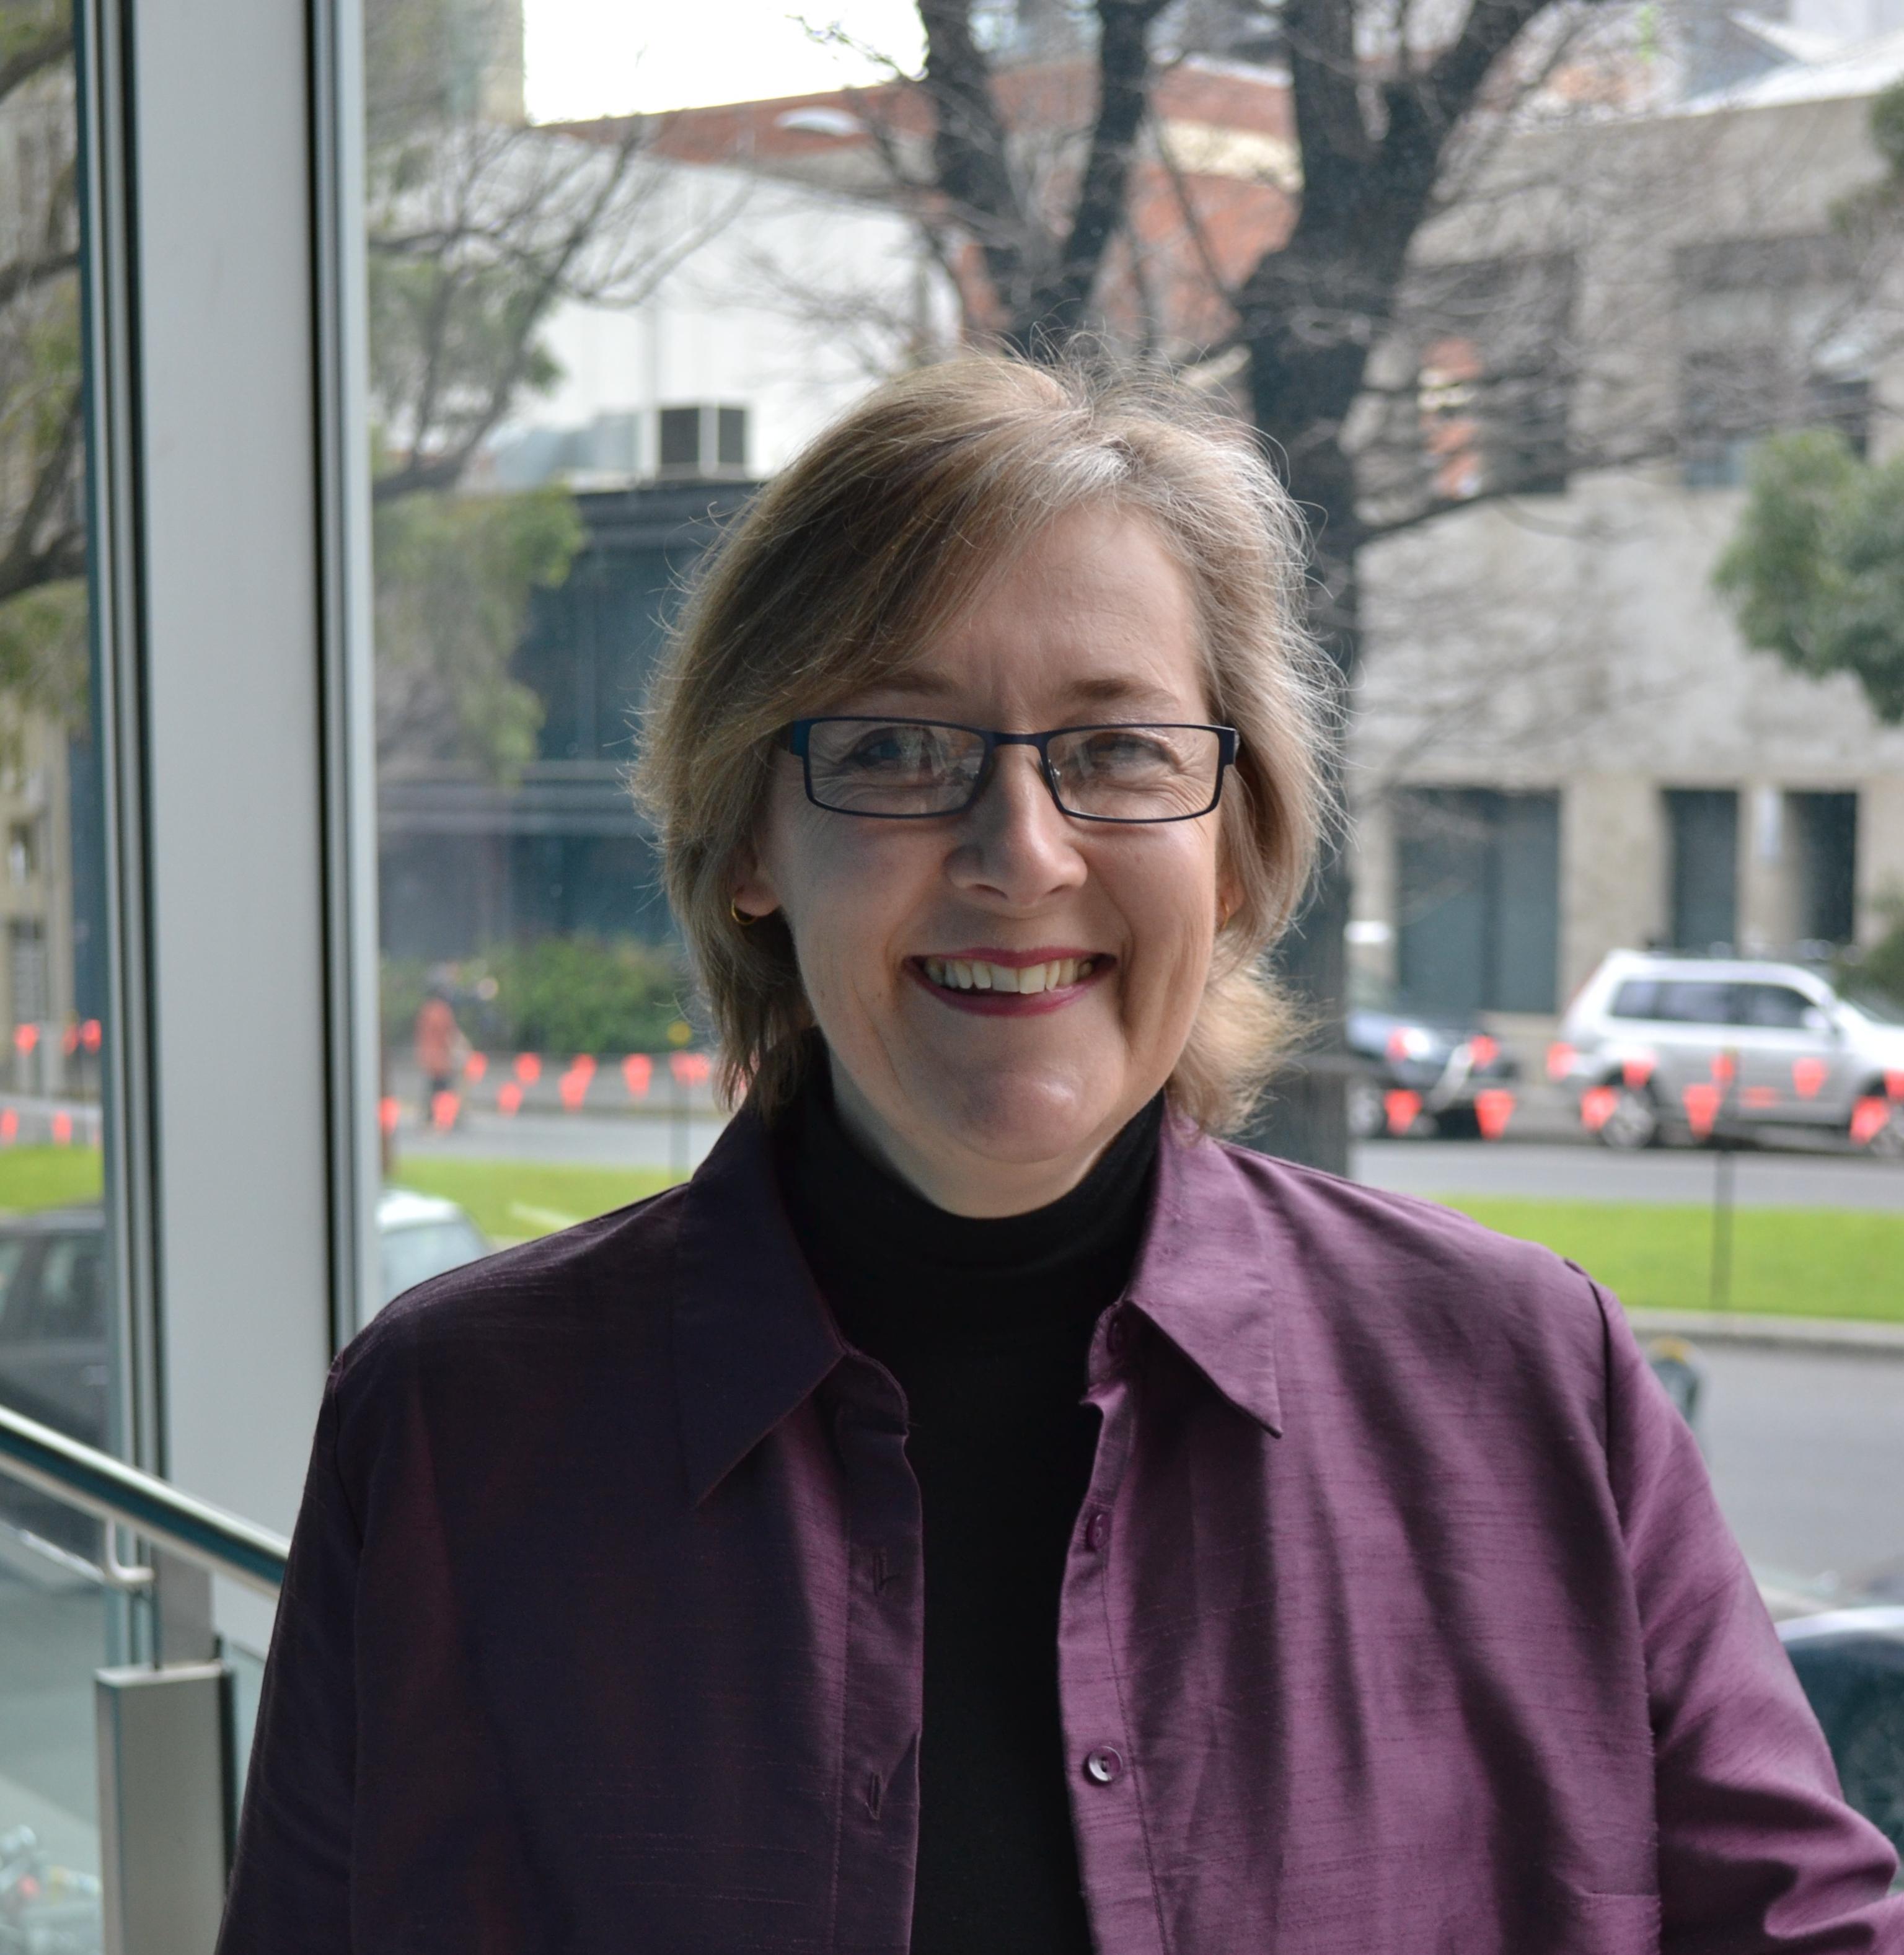 Dr Amanda Whiting